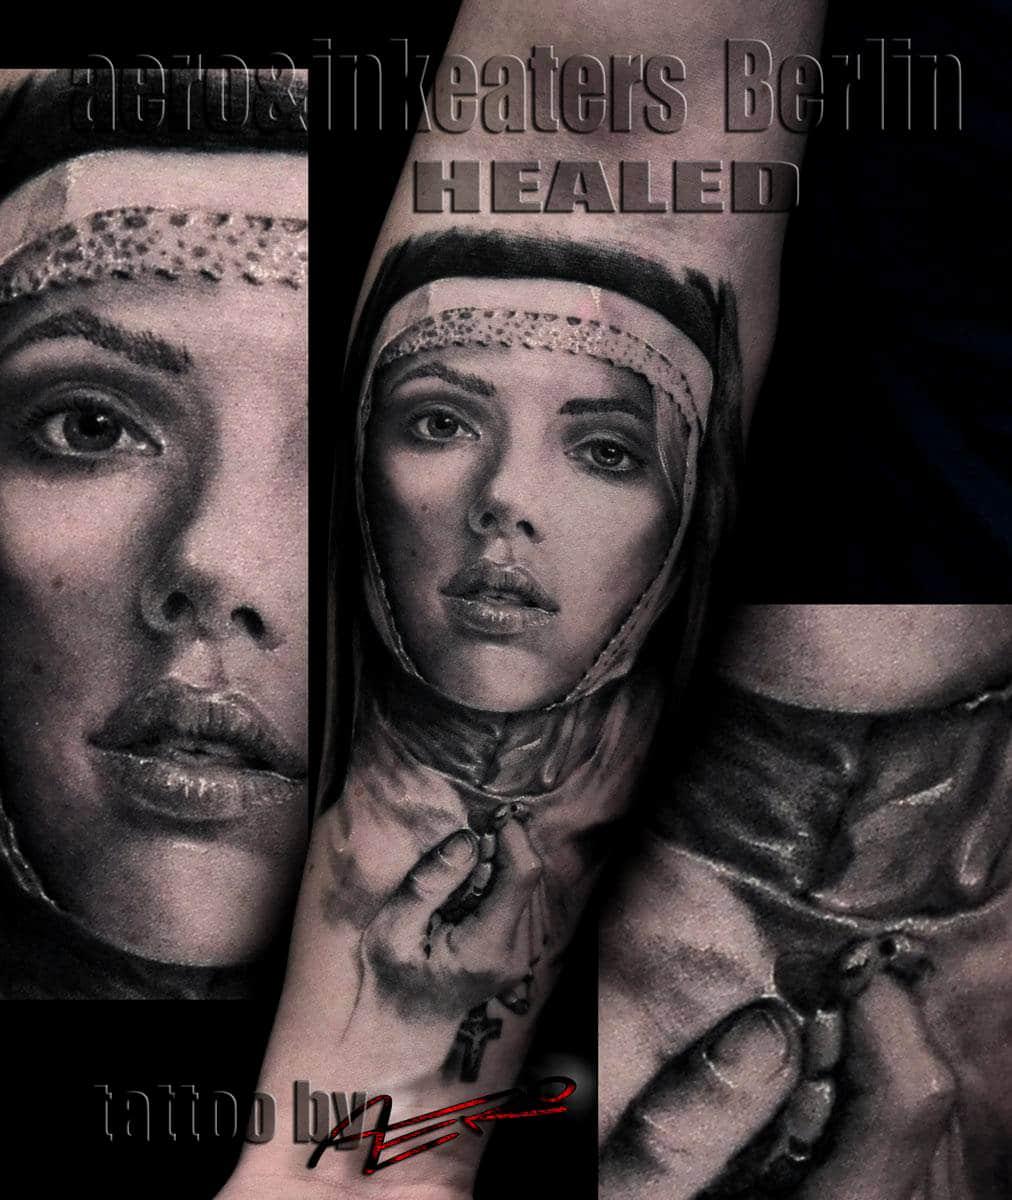 Tattoo von einer Nonne, mit einer Kette in der Hand.